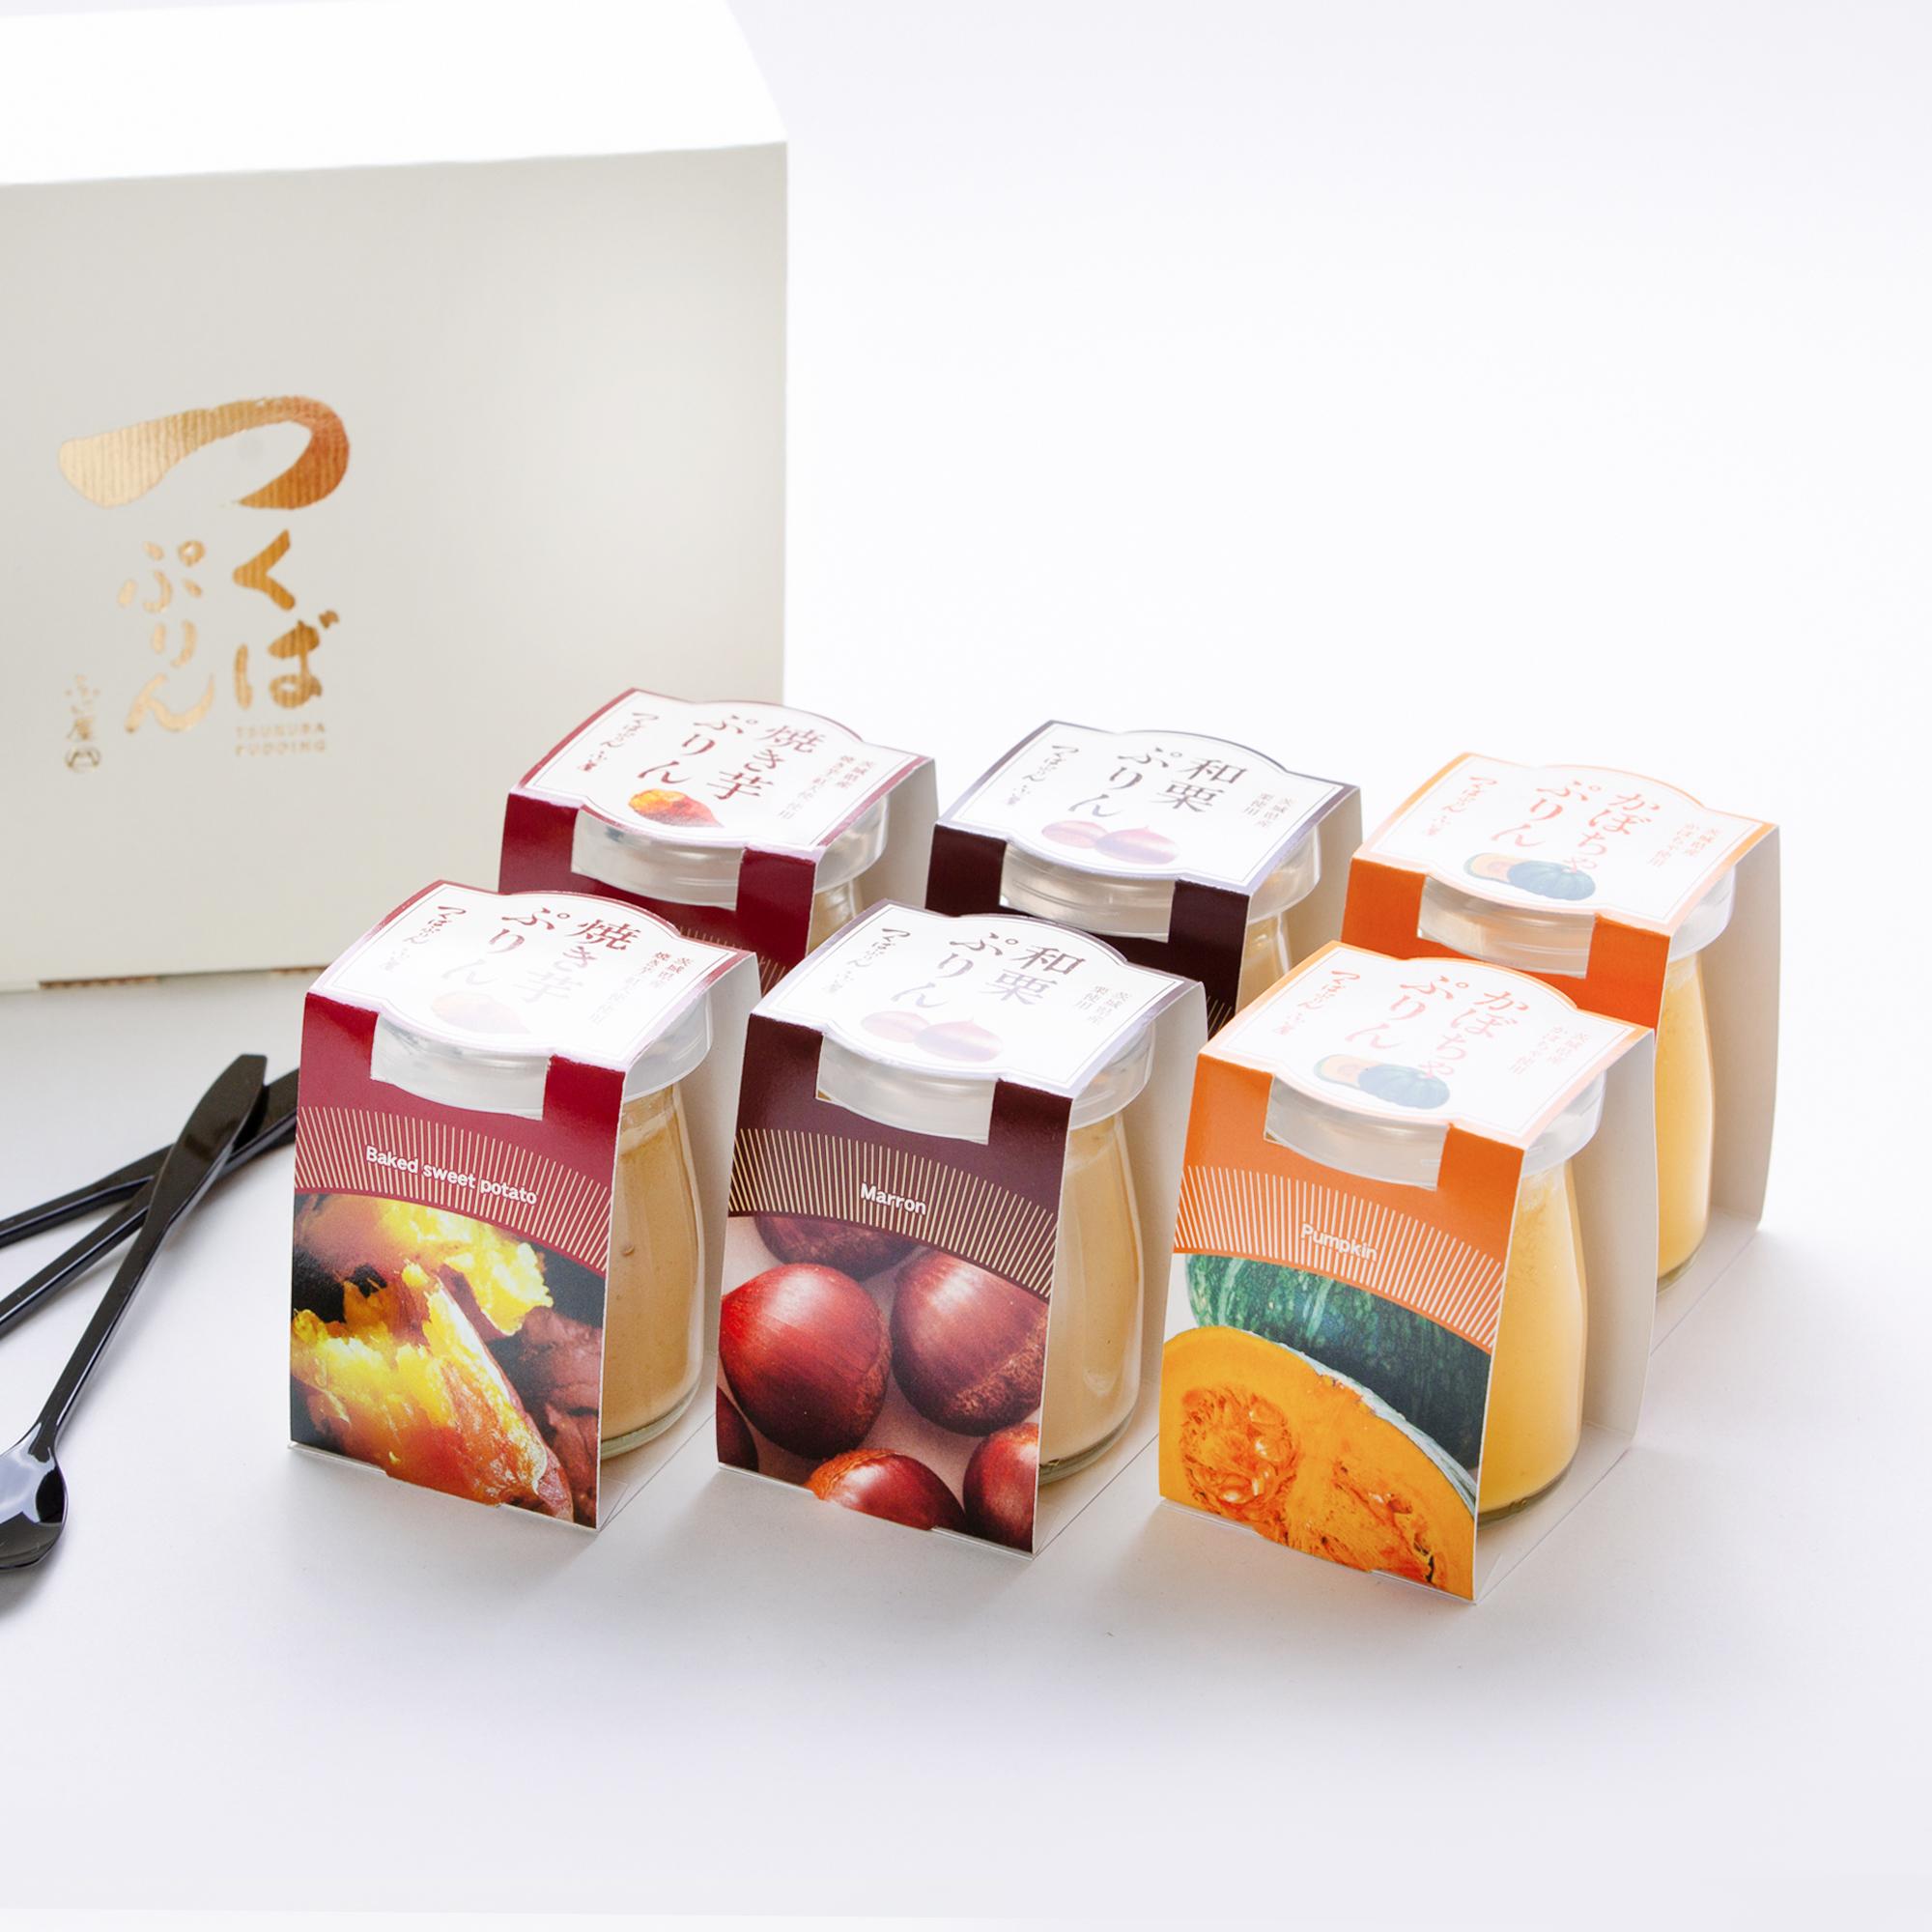 焼き芋ぷりん2個/和栗ぷりん2個/かぼちゃぷりん2個の6個入りセット 茨城県産「焼き芋」「和栗」「かぼちゃ」の3種類の味が楽しめる贅沢なセットです!